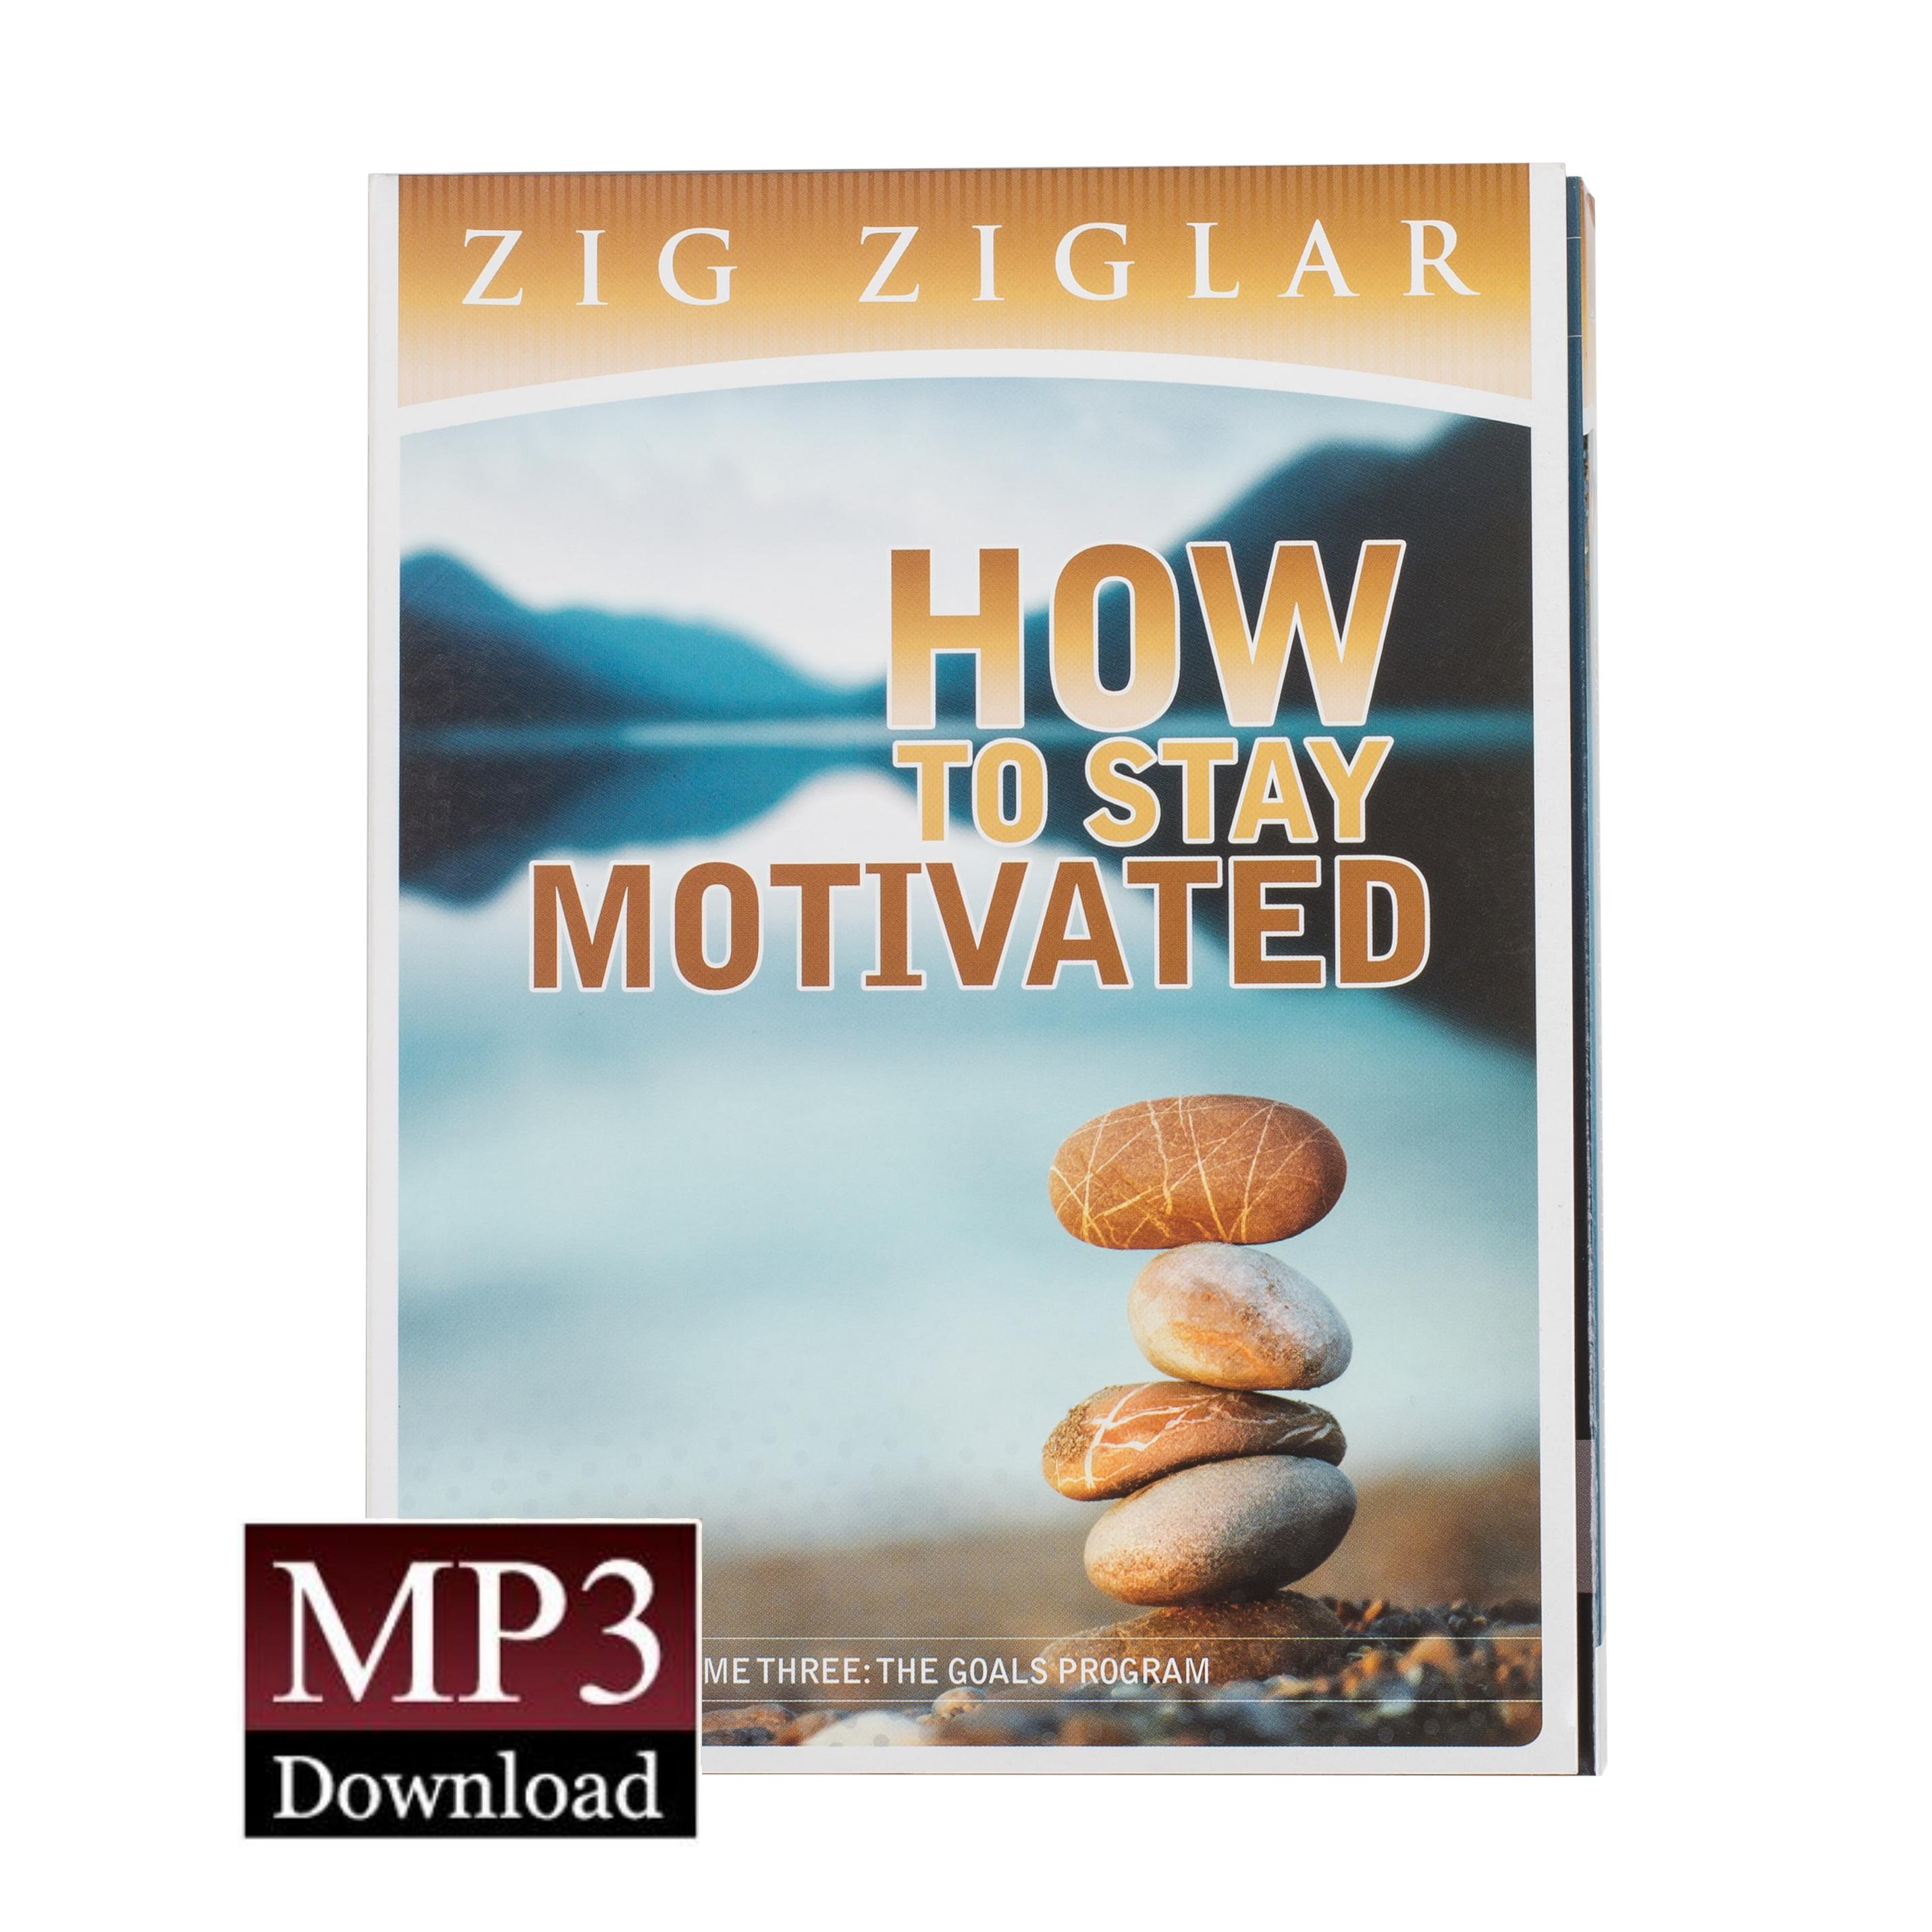 Ziglar inc mp3 the goals program by zig ziglar how to stay mp3 malvernweather Choice Image